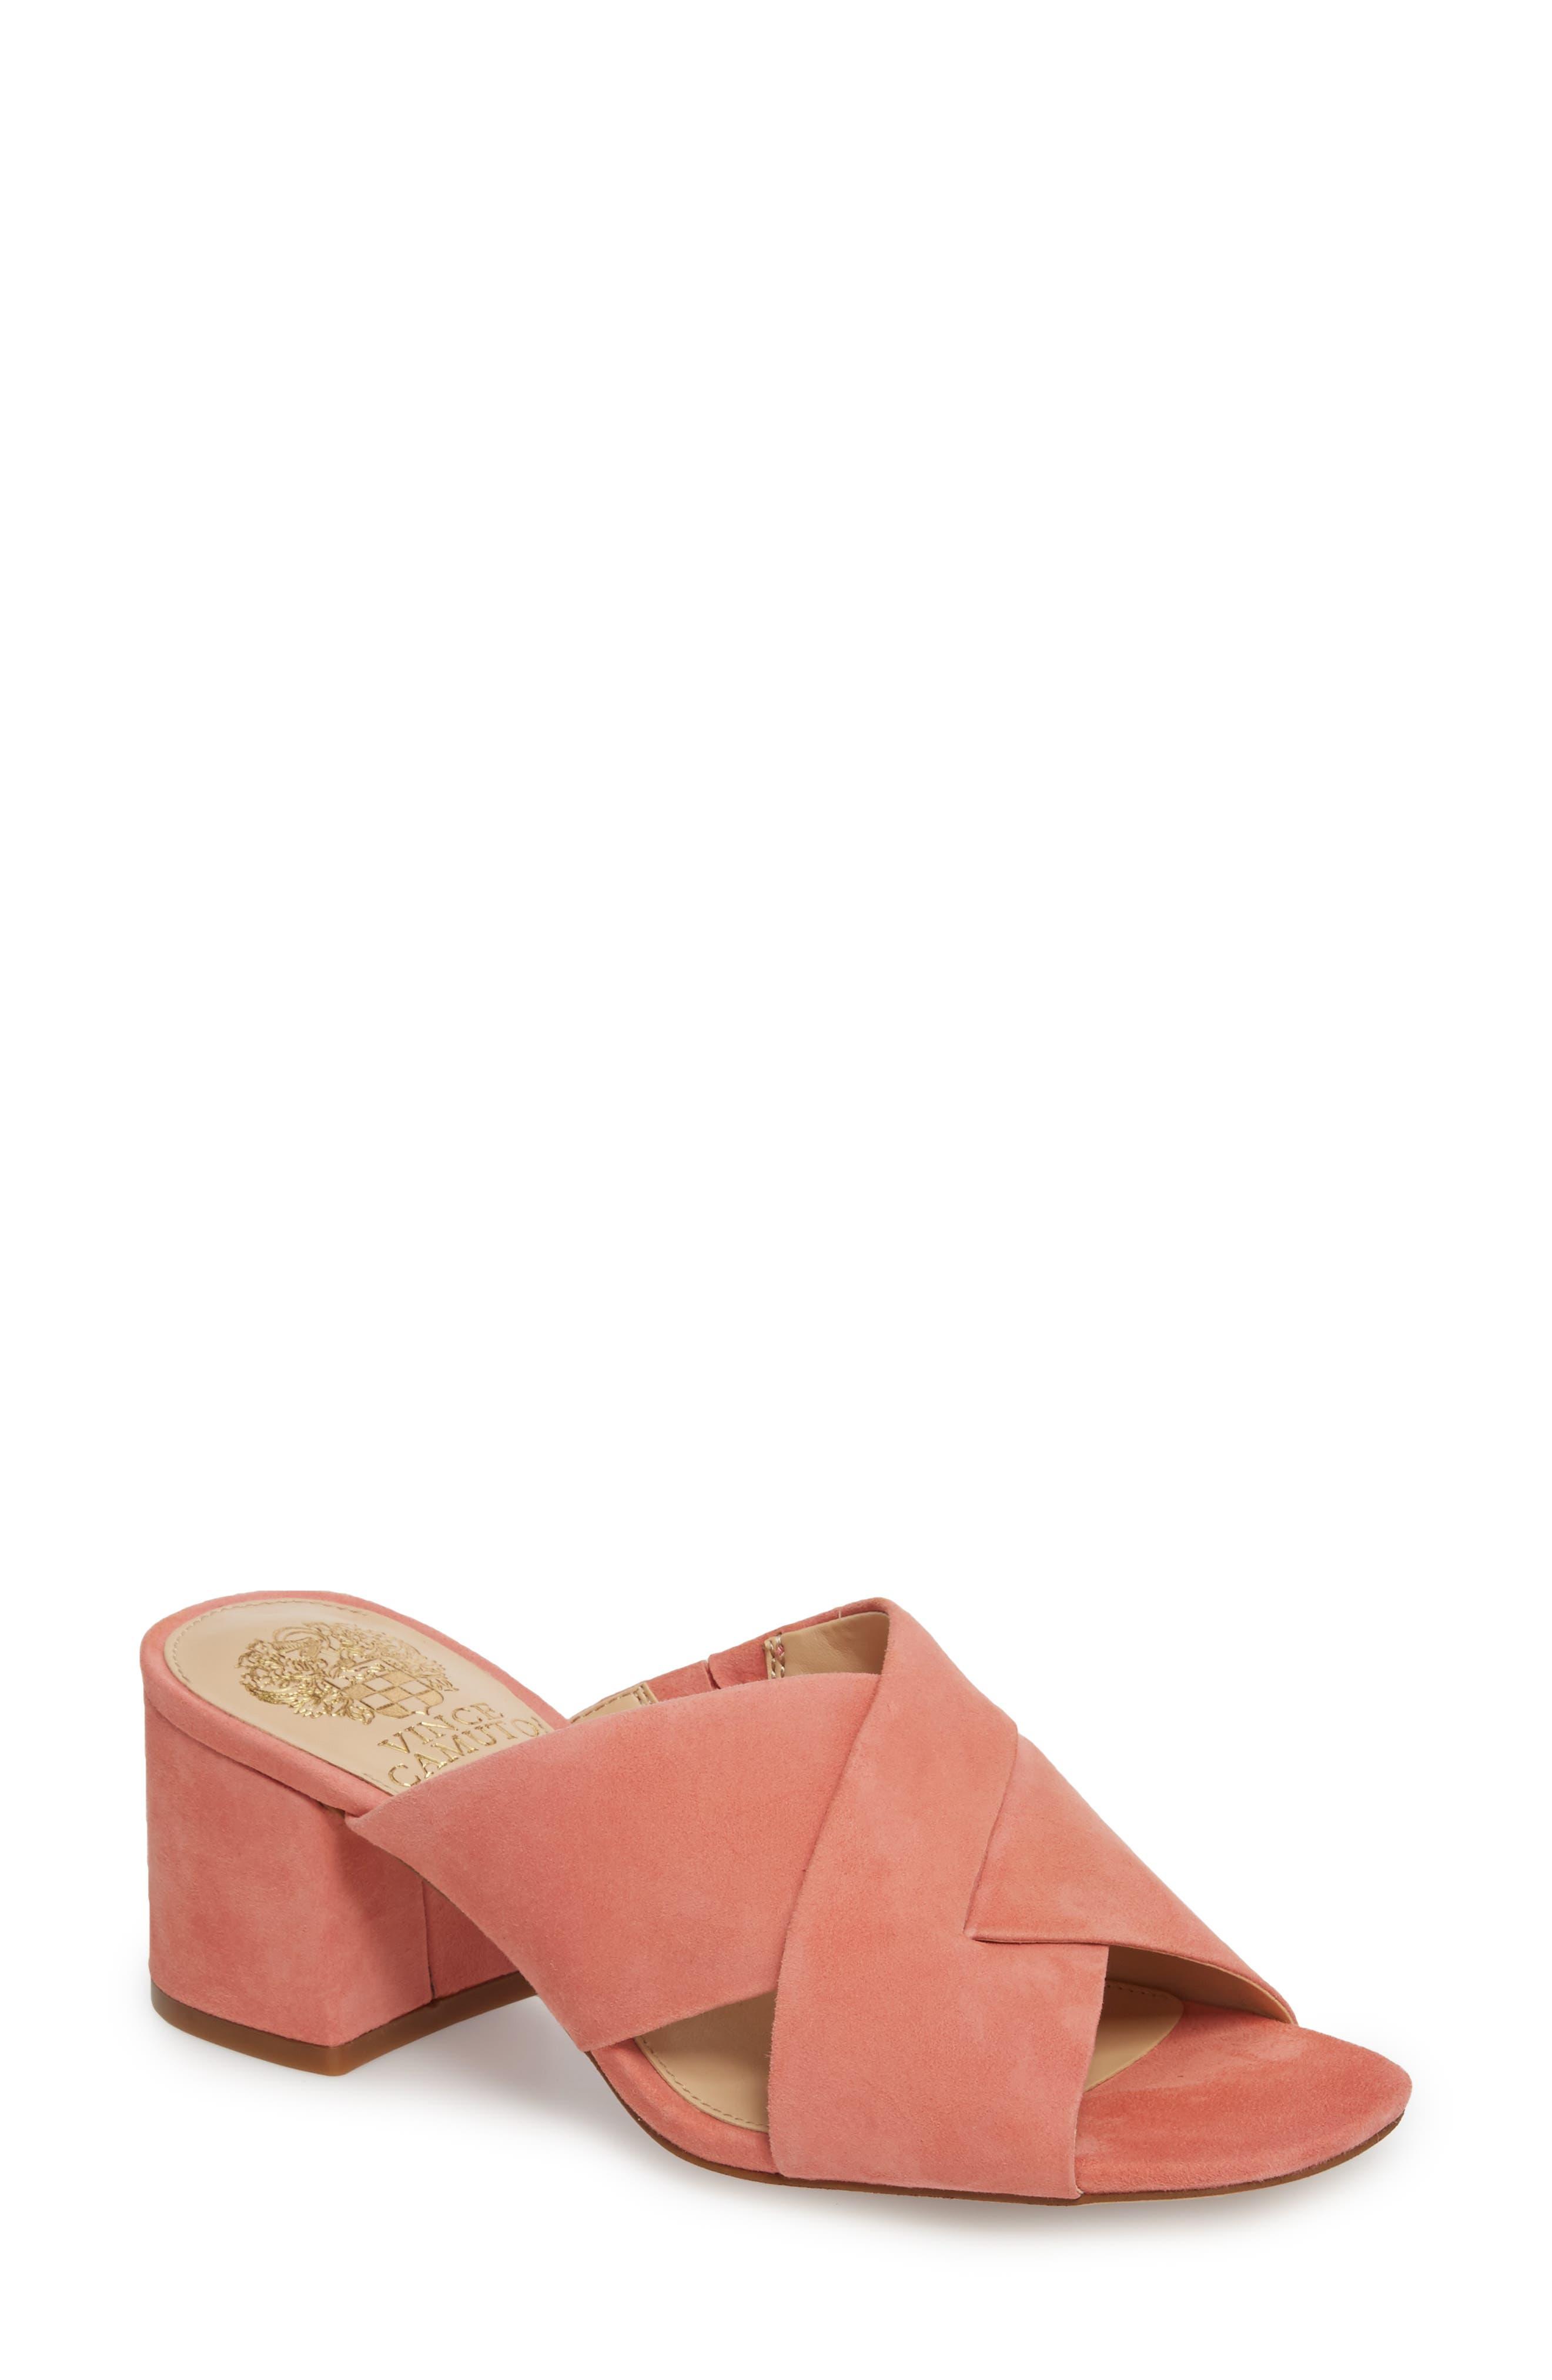 Stania Sandal,                         Main,                         color, Fancy Flamingo Suede